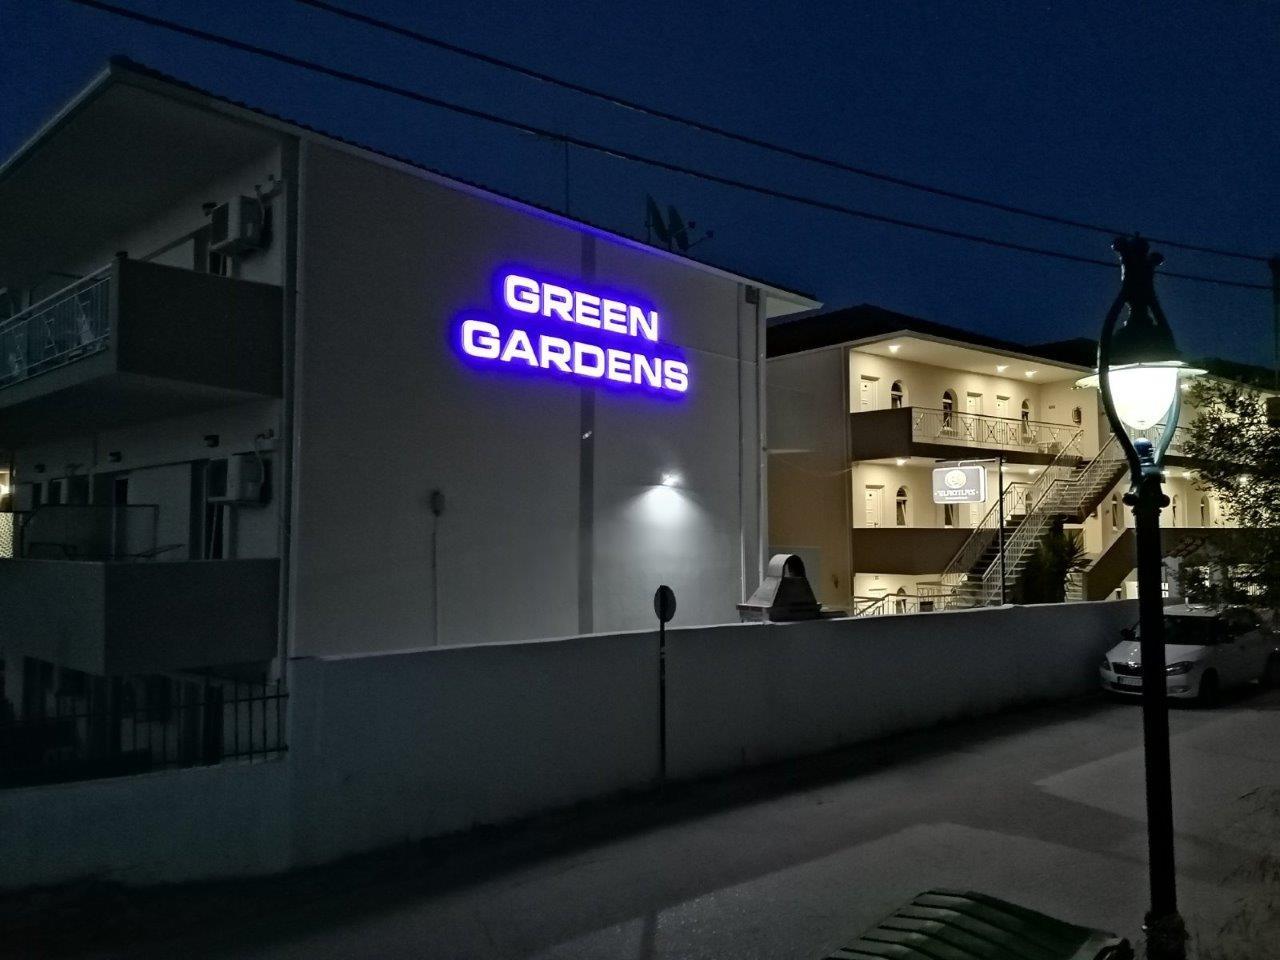 Grcka apartmani letovanje, Polihrono Halkidiki, Green Gardens, kuća A i B sa ugla